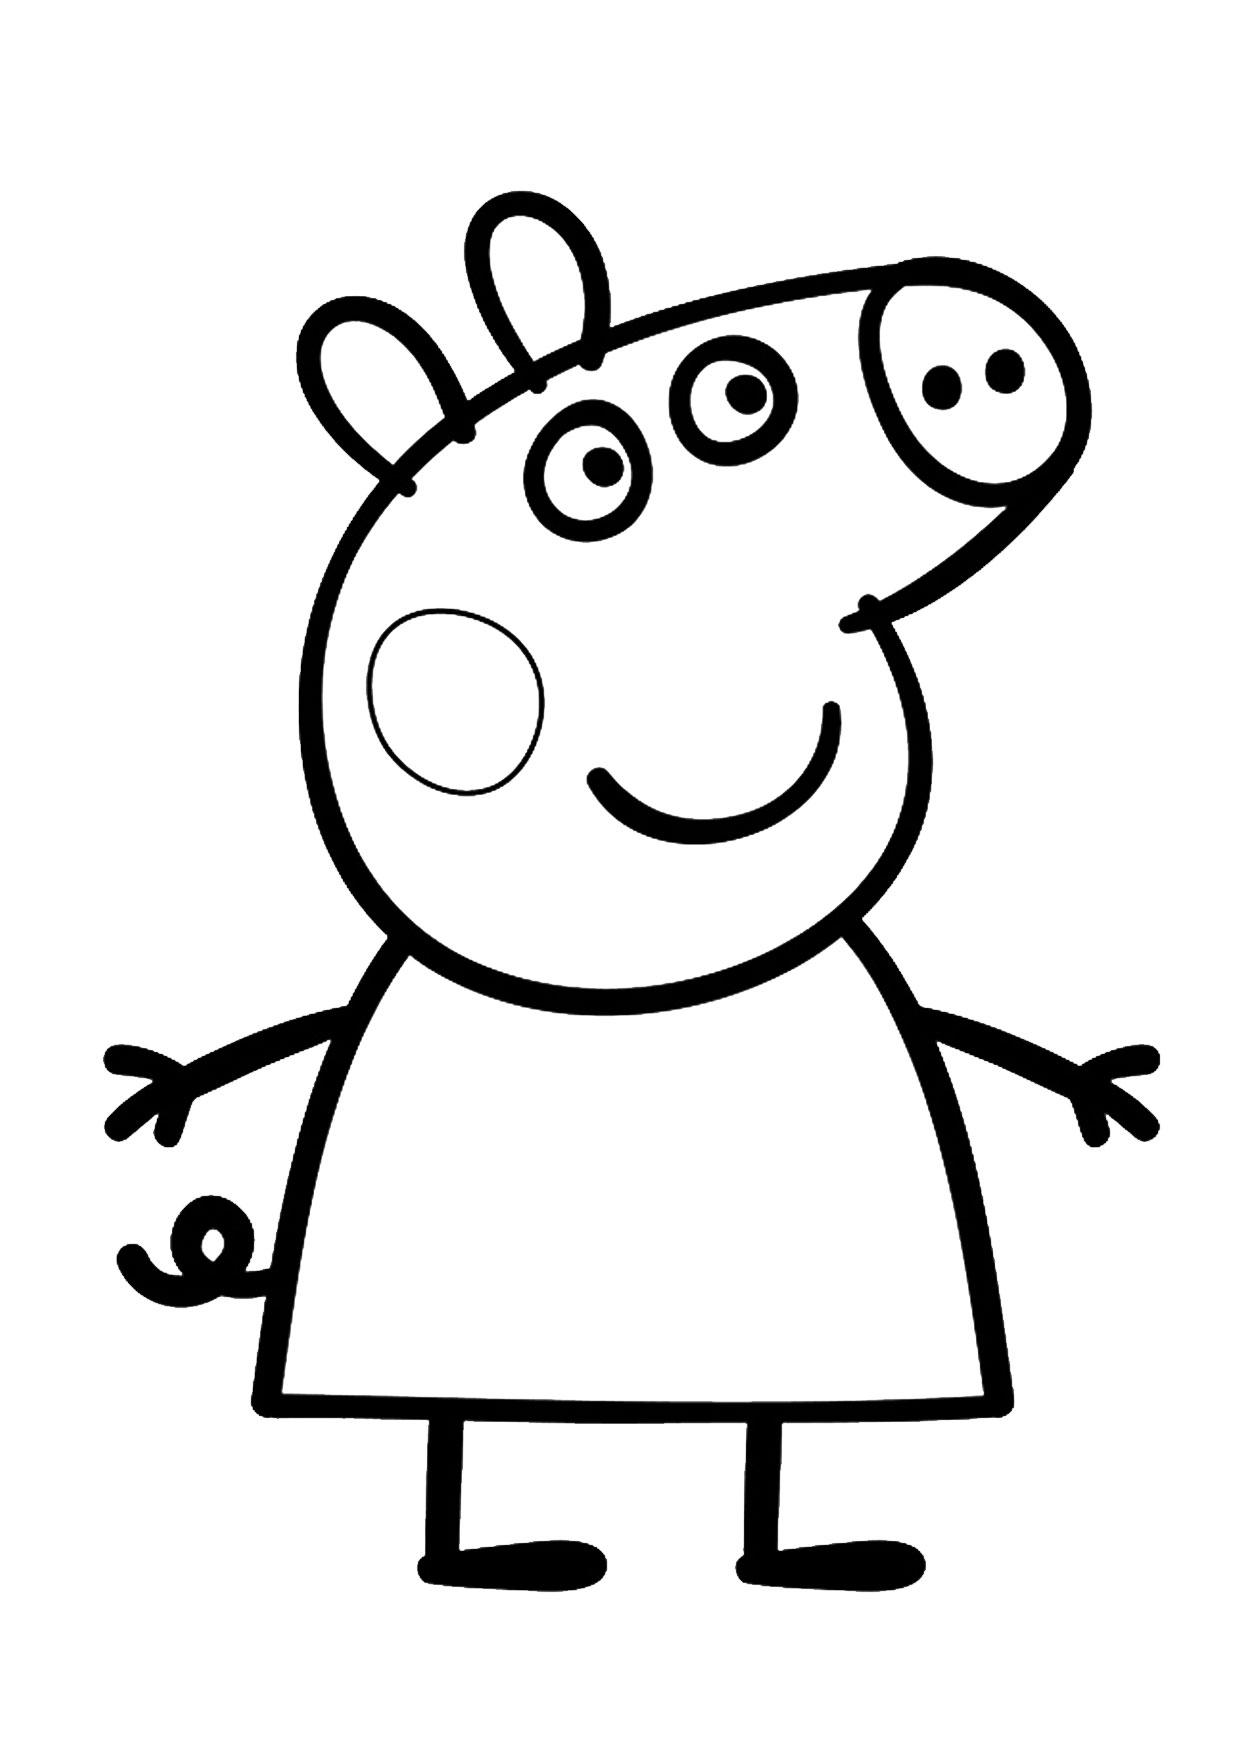 Disegni da colorare Peppa Pig